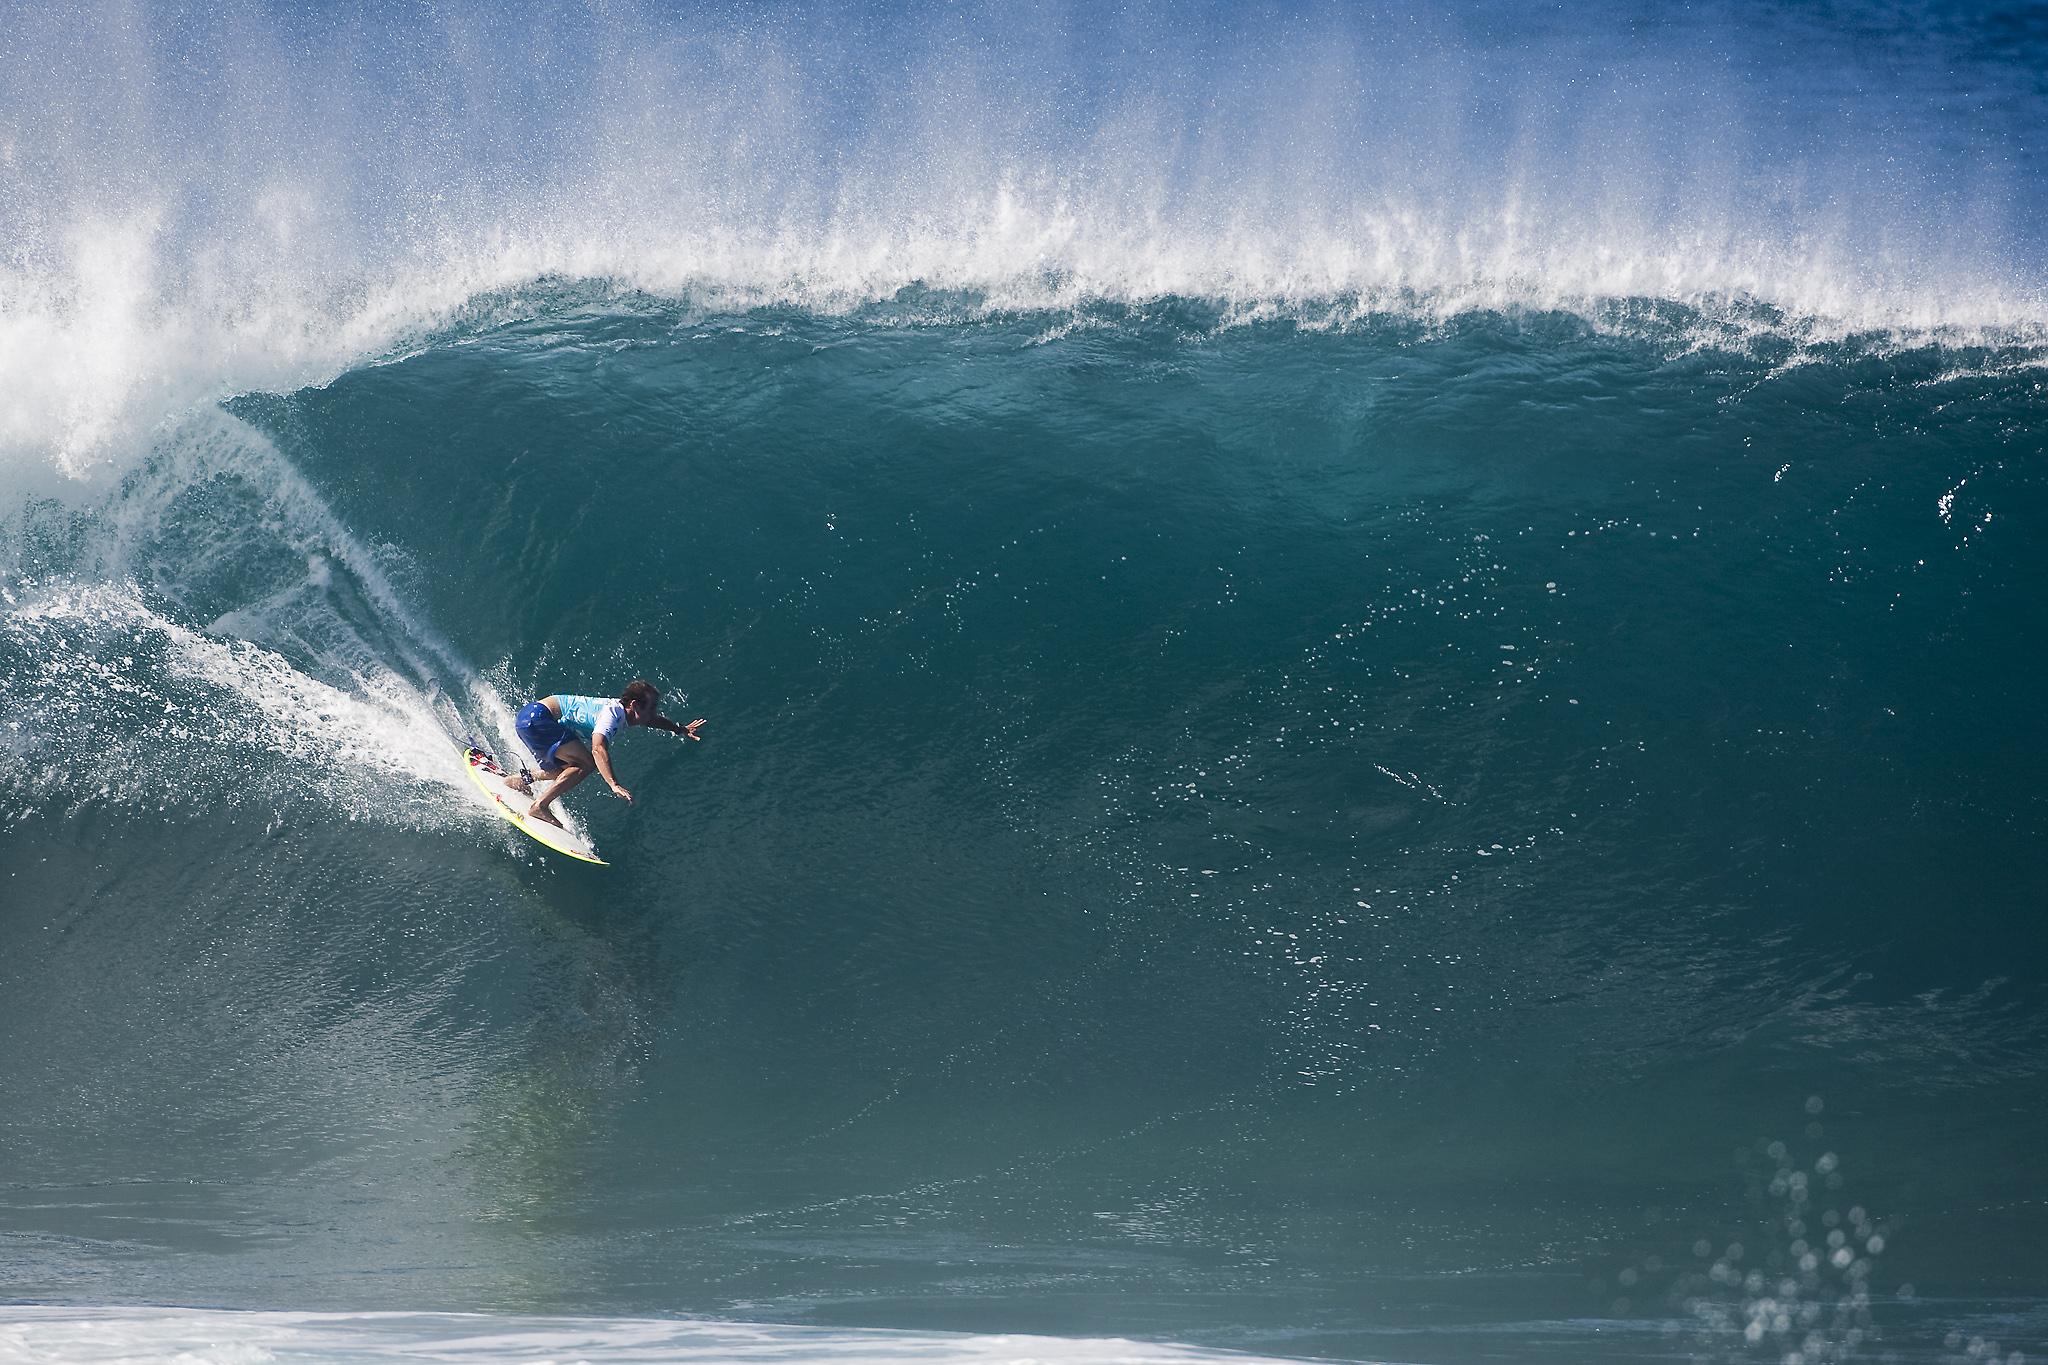 CJ Hobgood sur une vague de Pipeline absolument magnifique